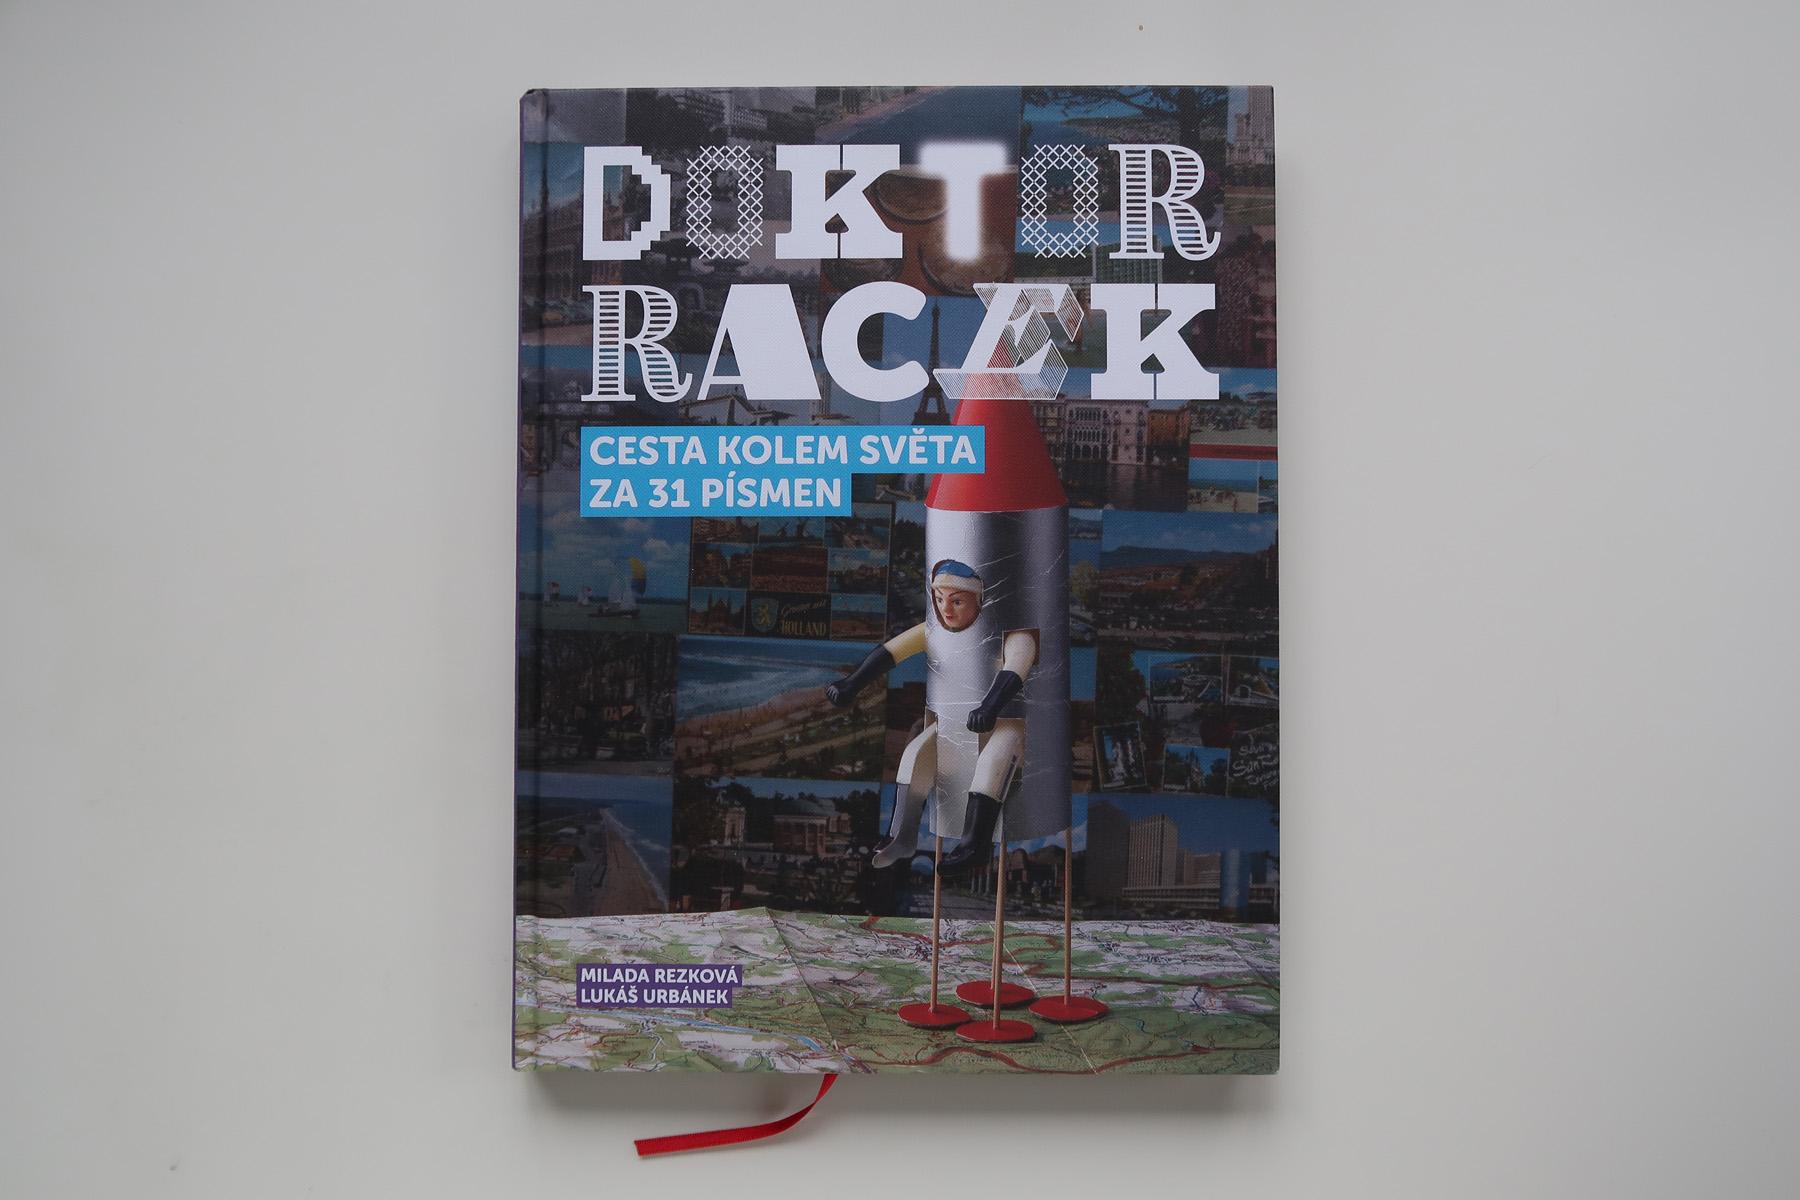 Doktor Racek – Cesta kolem světa za 31 písmen